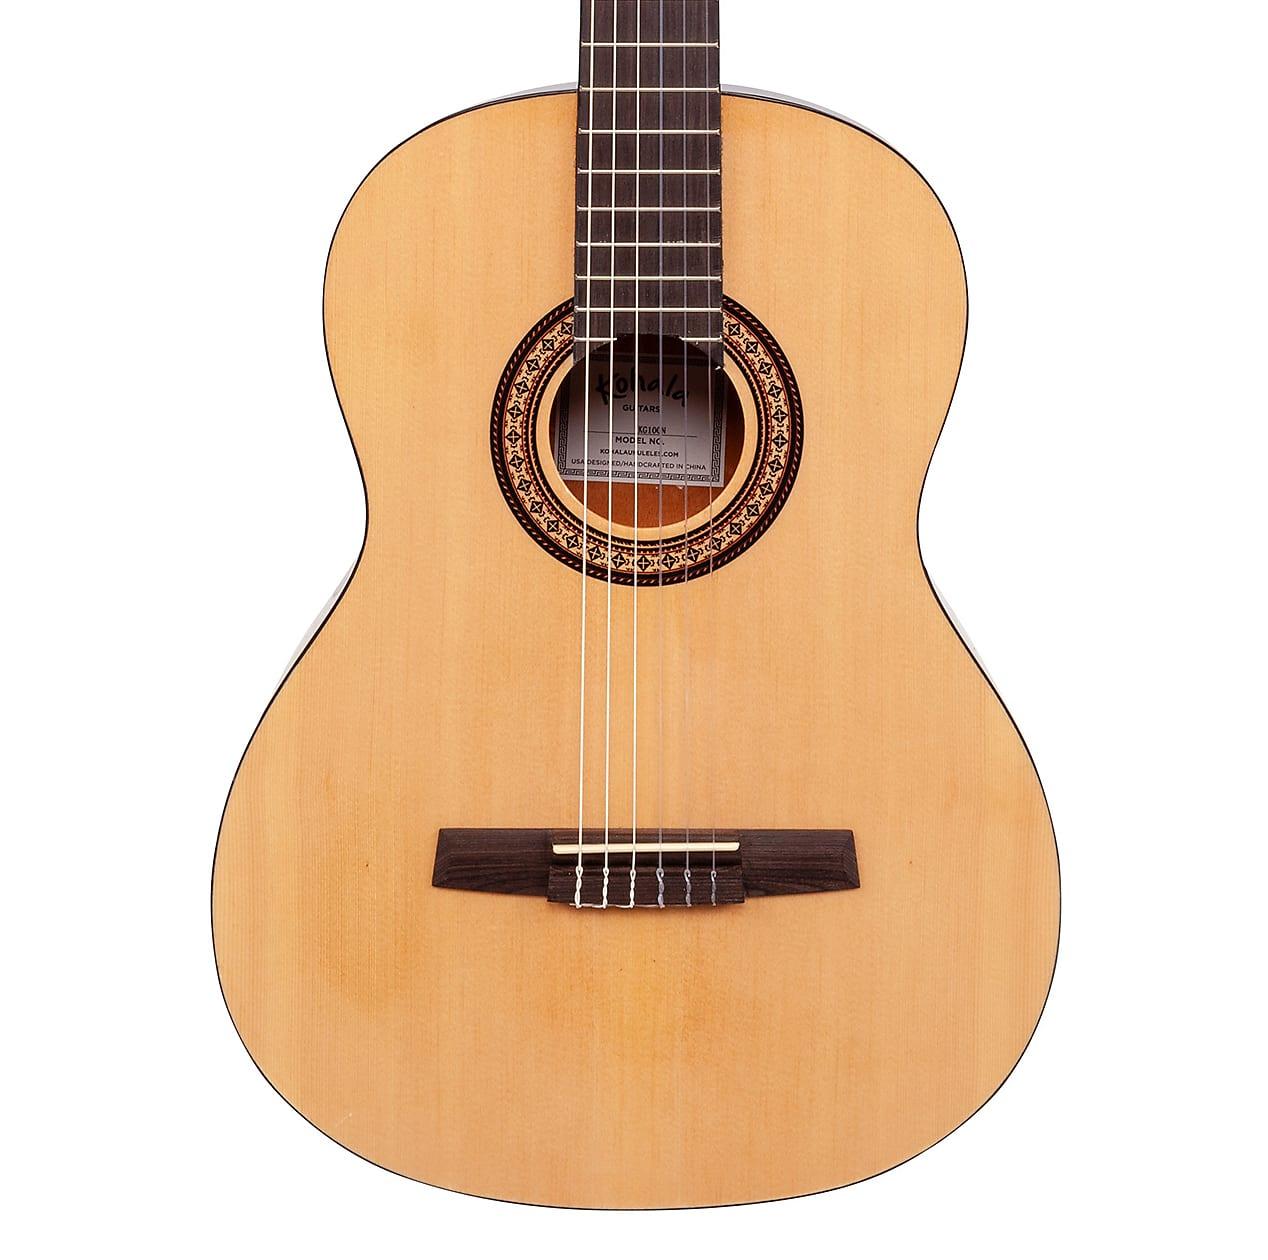 Kohala KG100N Full Size Nylon String Acoustic Guitar w/ bag